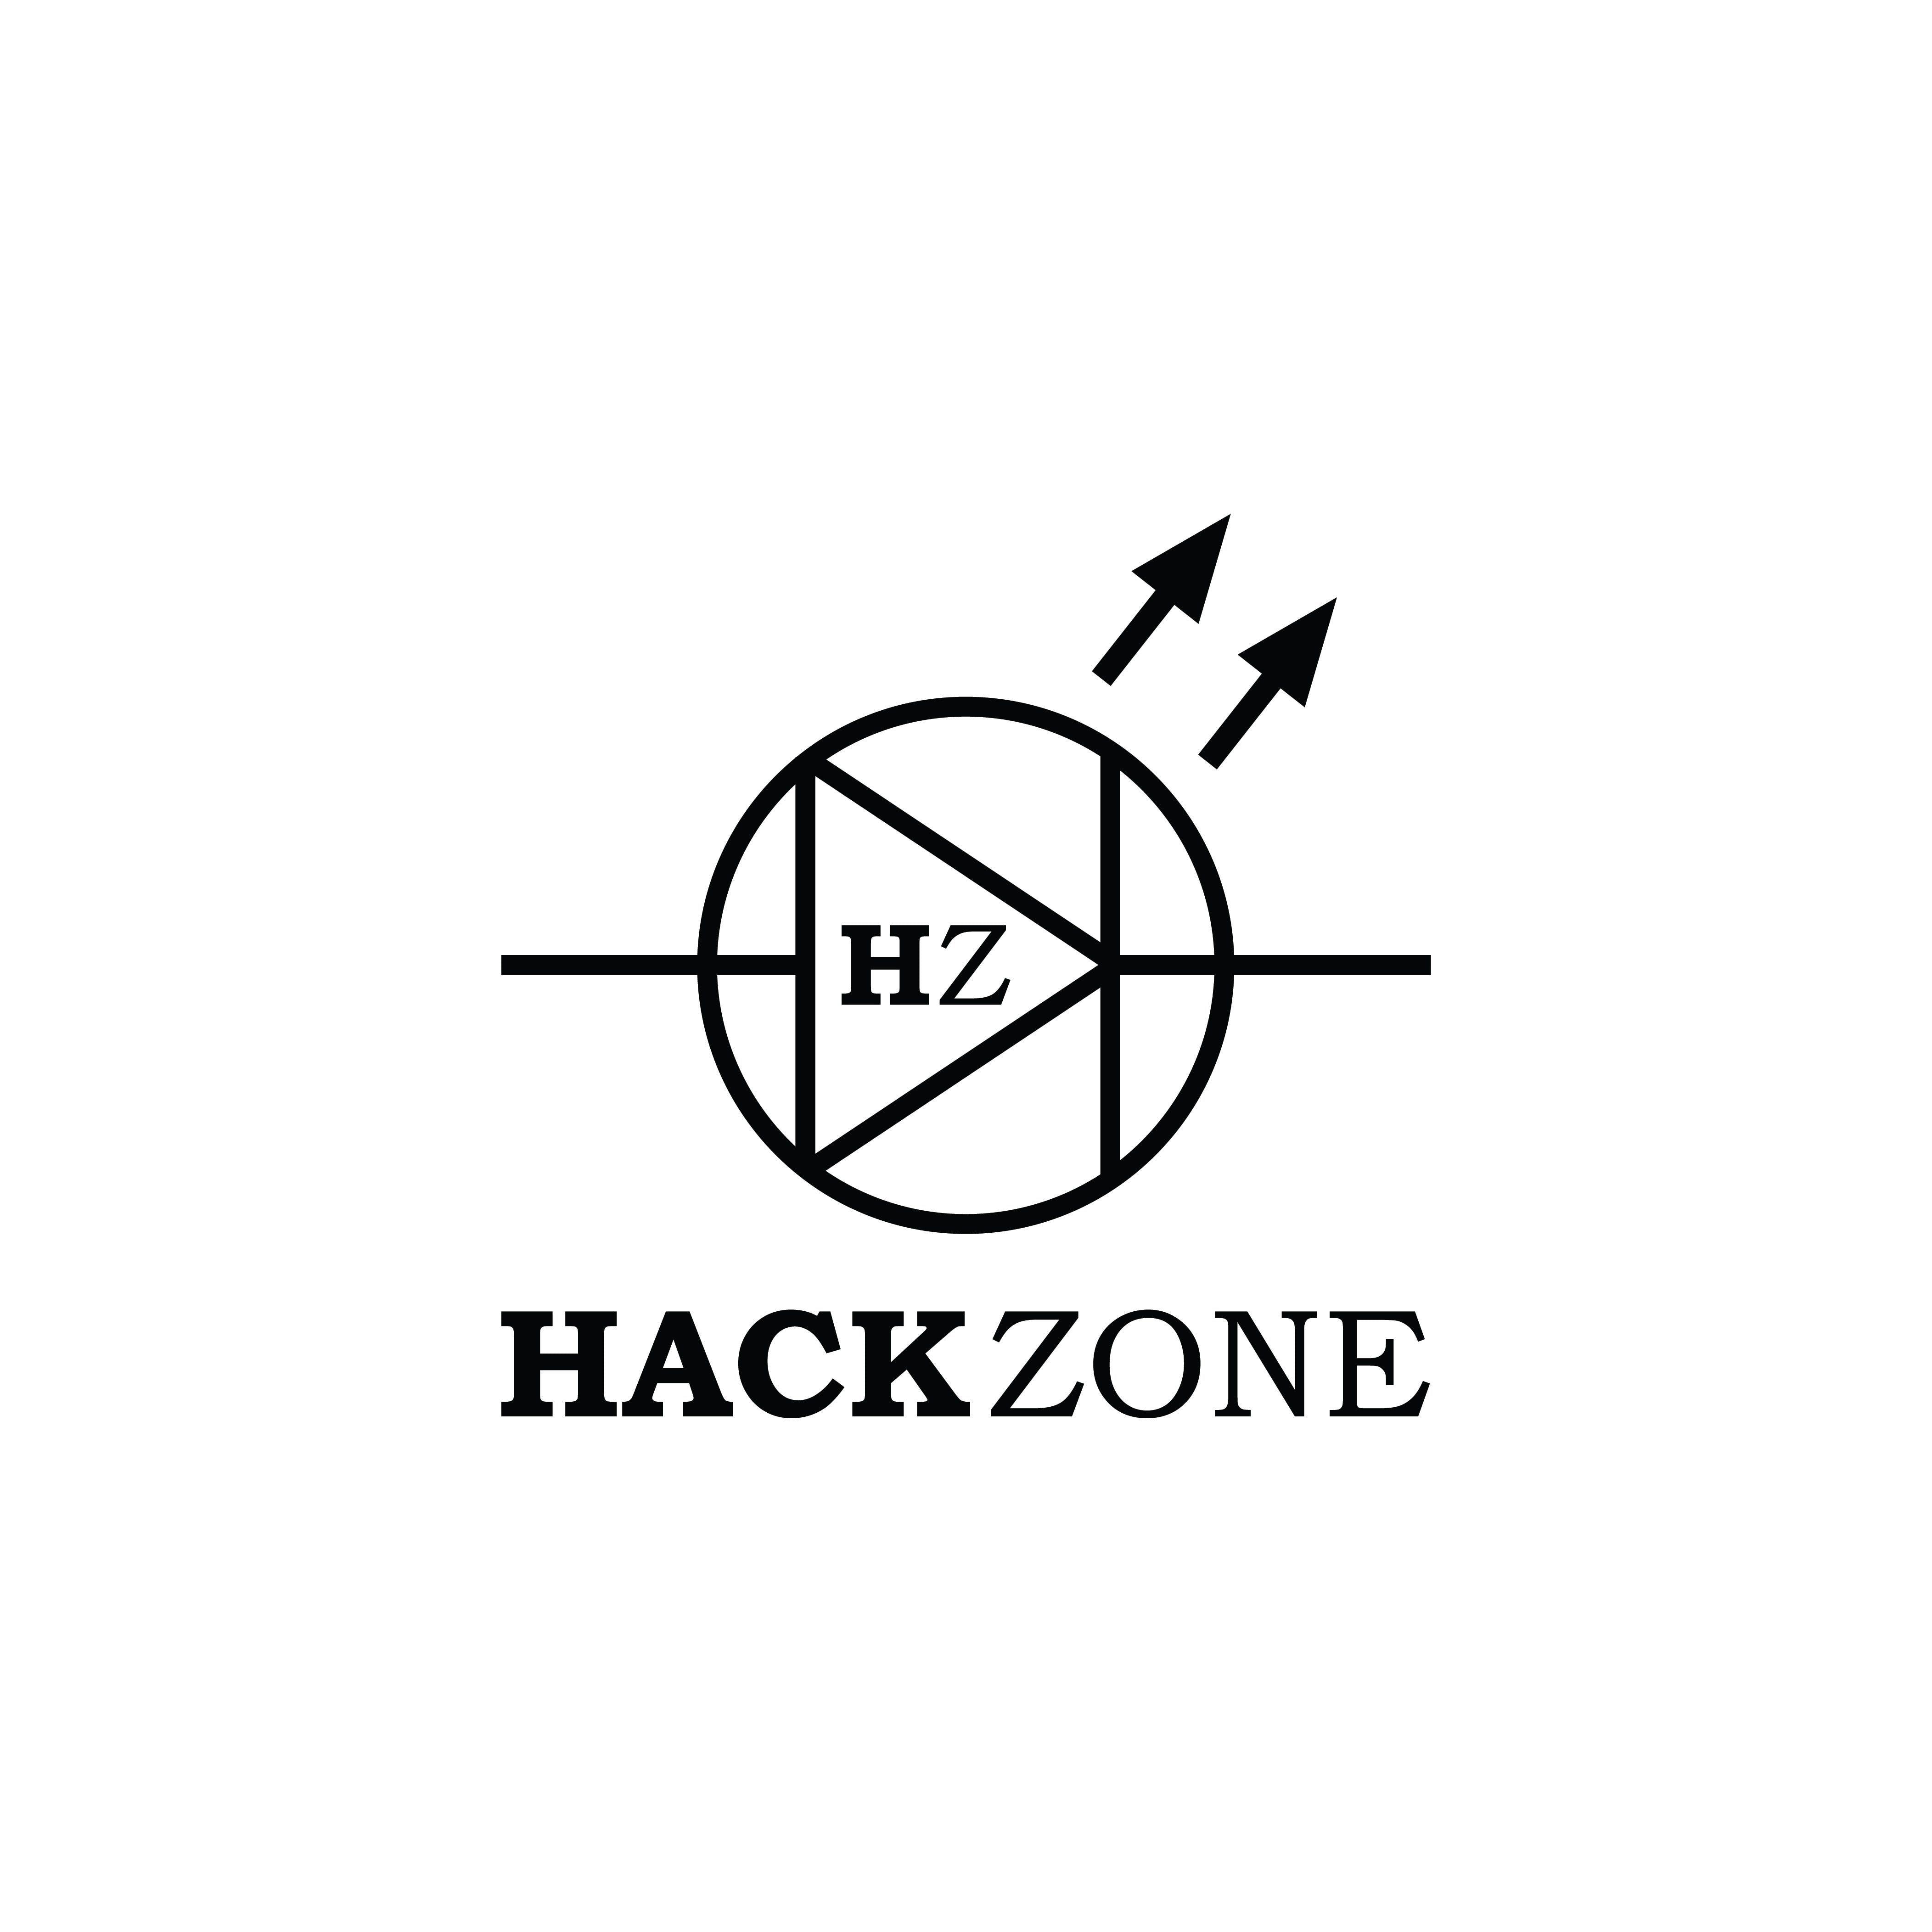 Hackzone